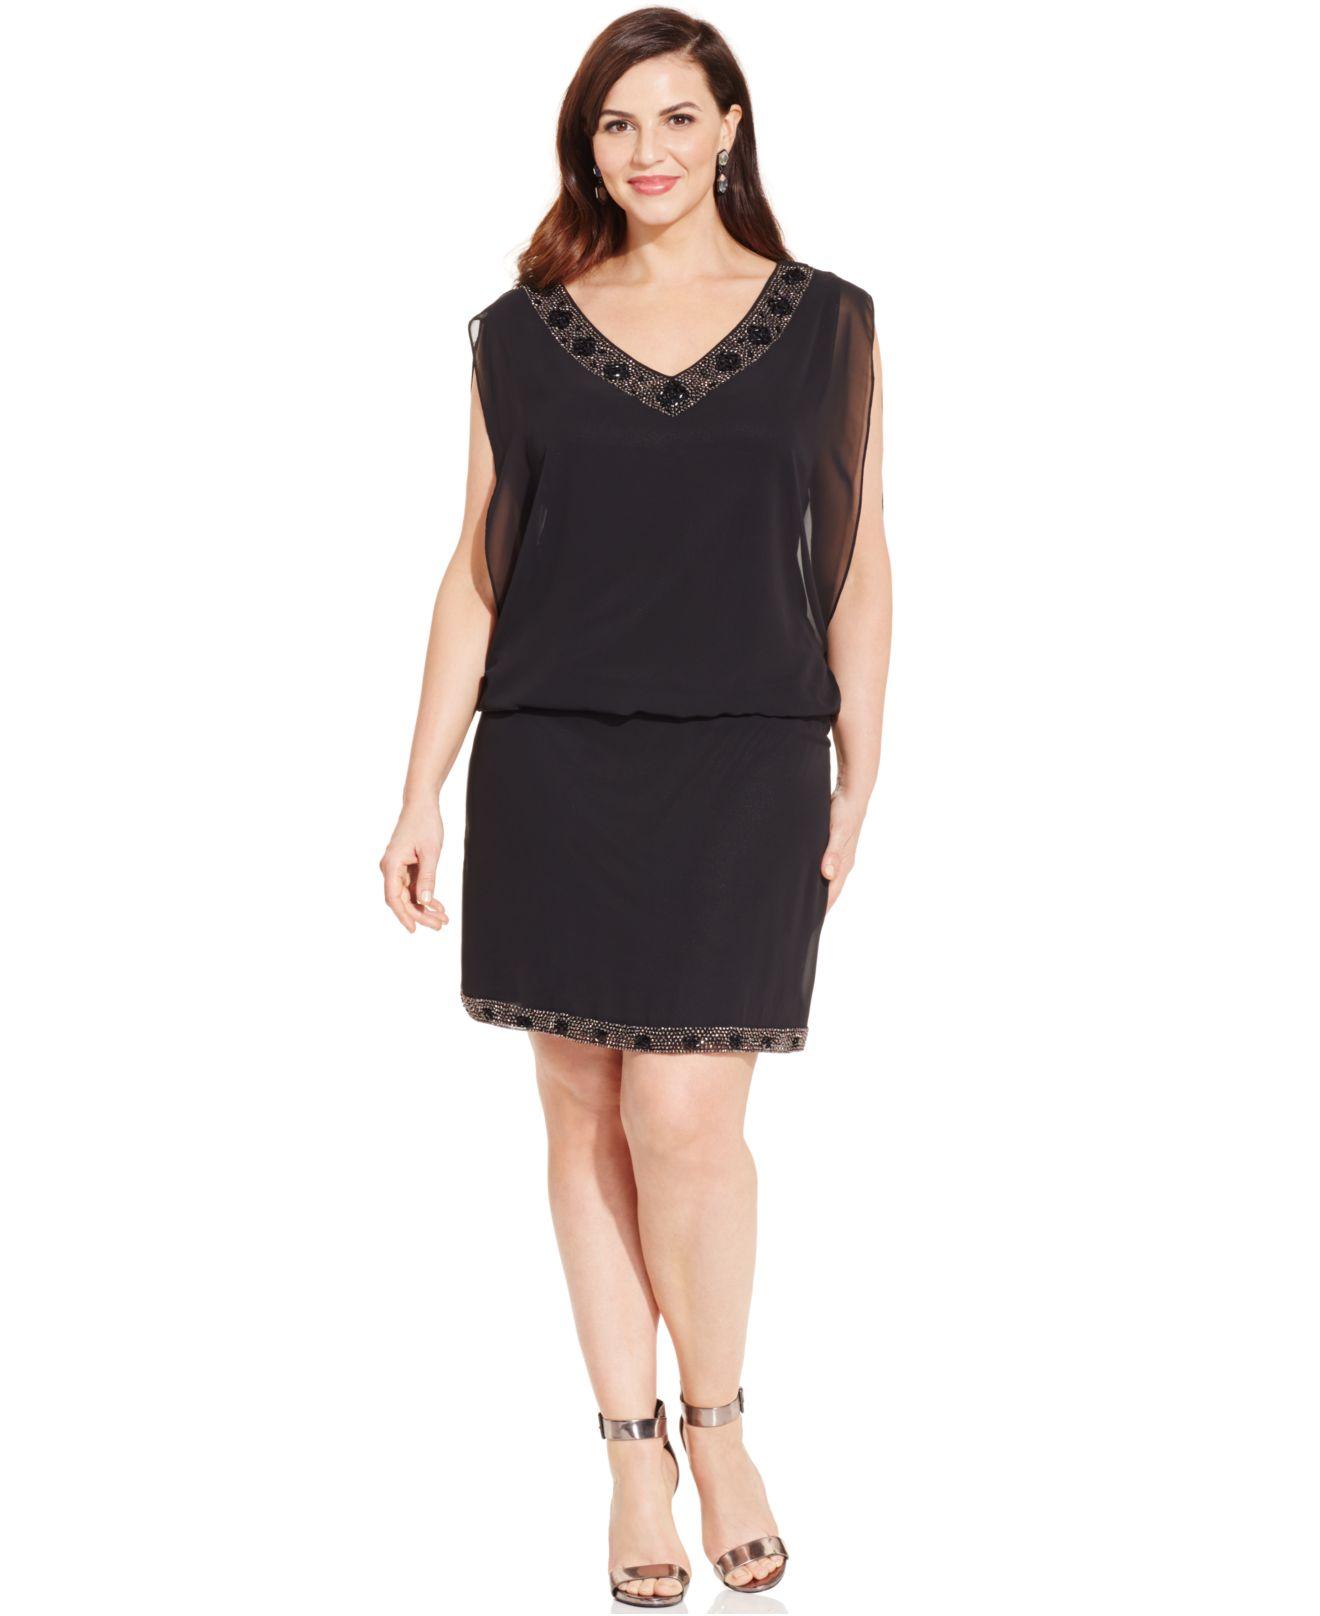 r&m richards plus size dresses